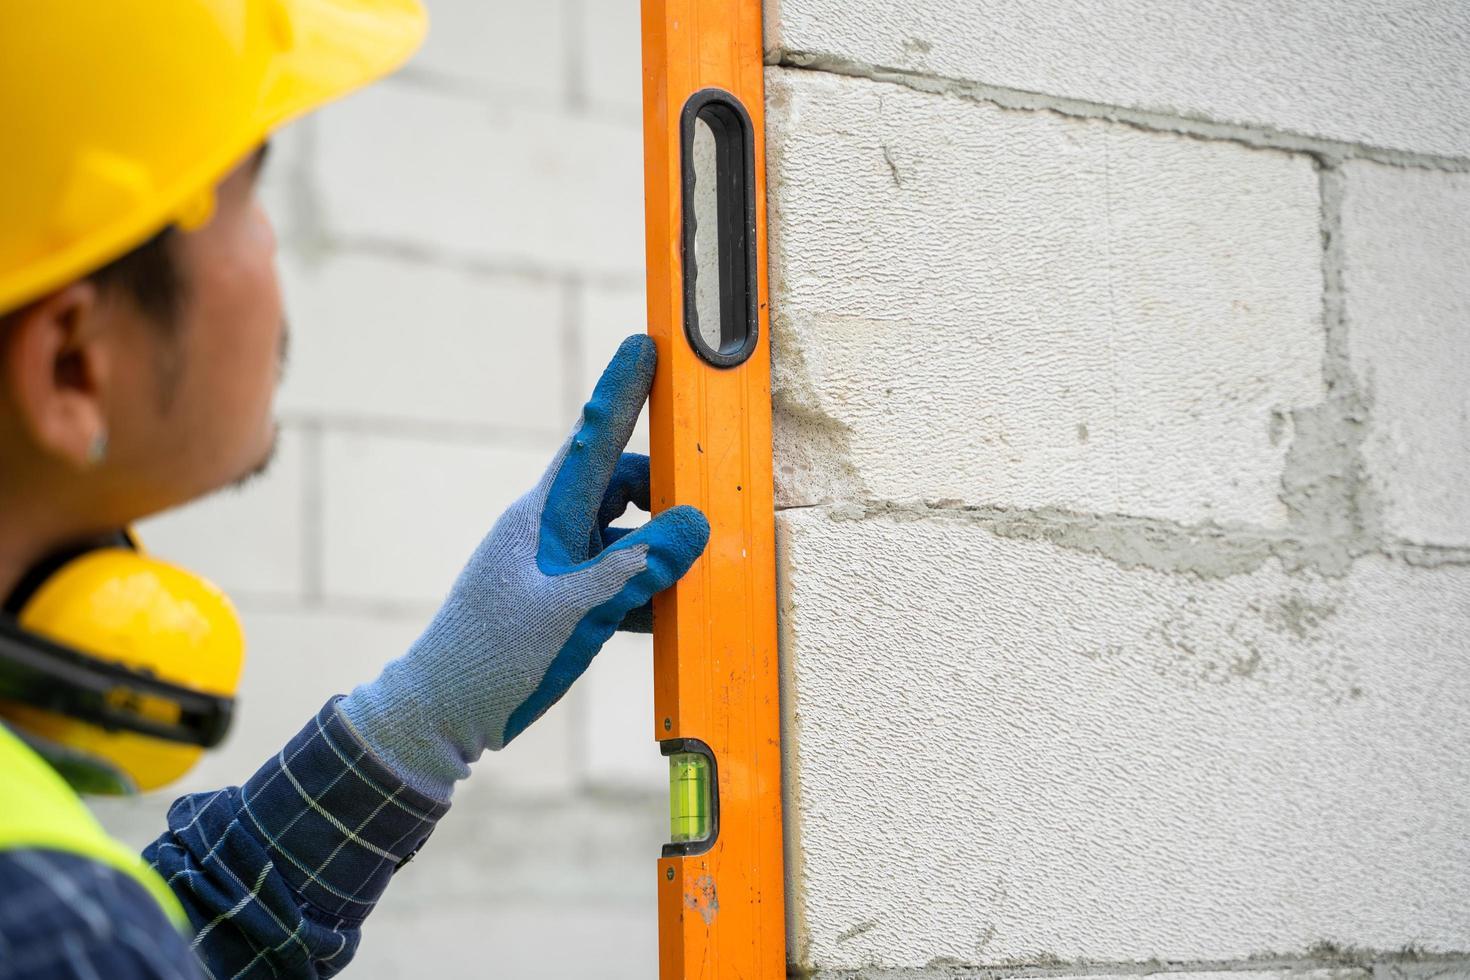 Captura recortada de un trabajador de la construcción comprobando el nivel en la pared de ladrillo foto